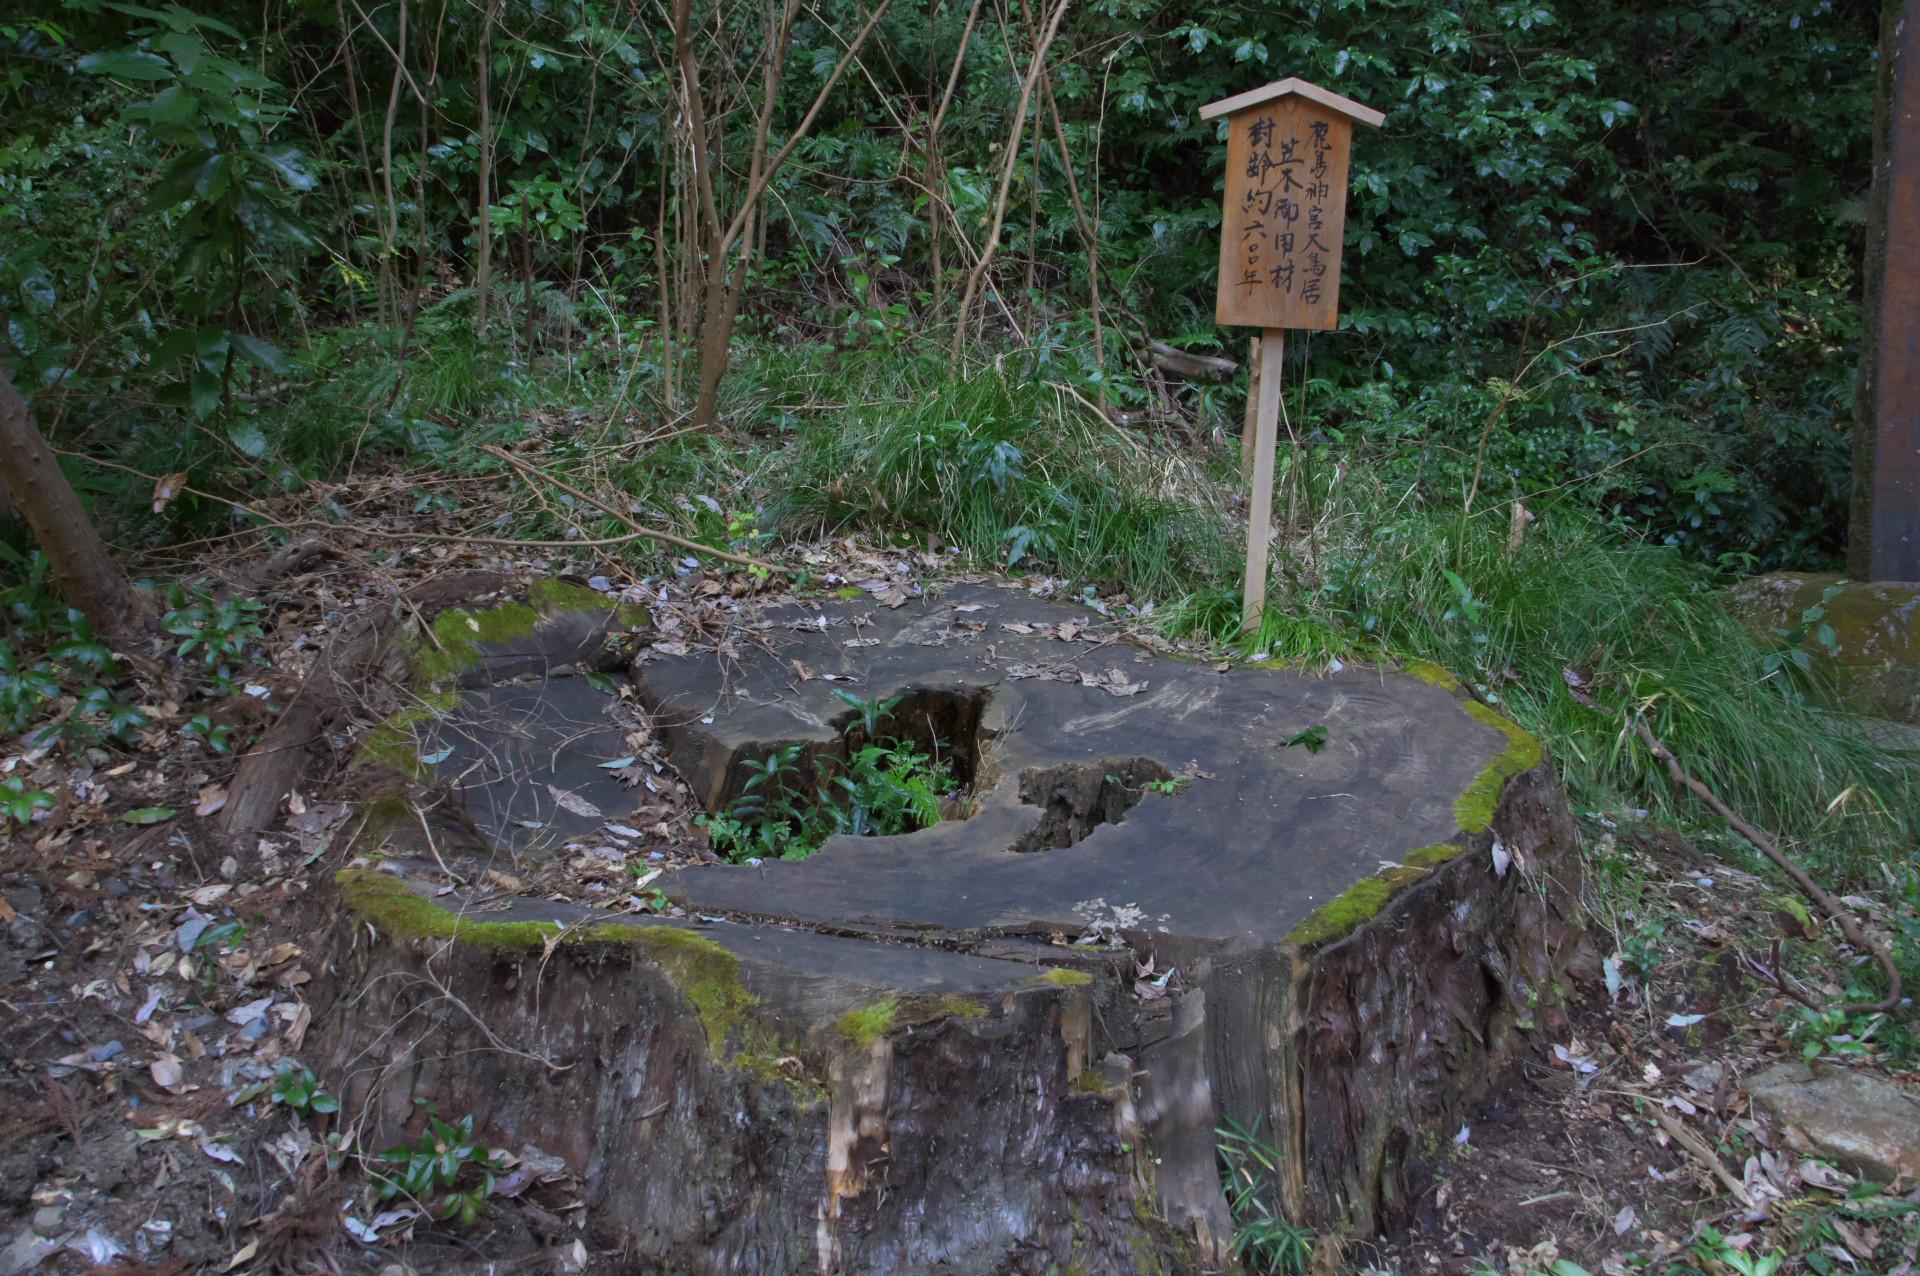 鹿島神宮大鳥居の大笠木となった御用材